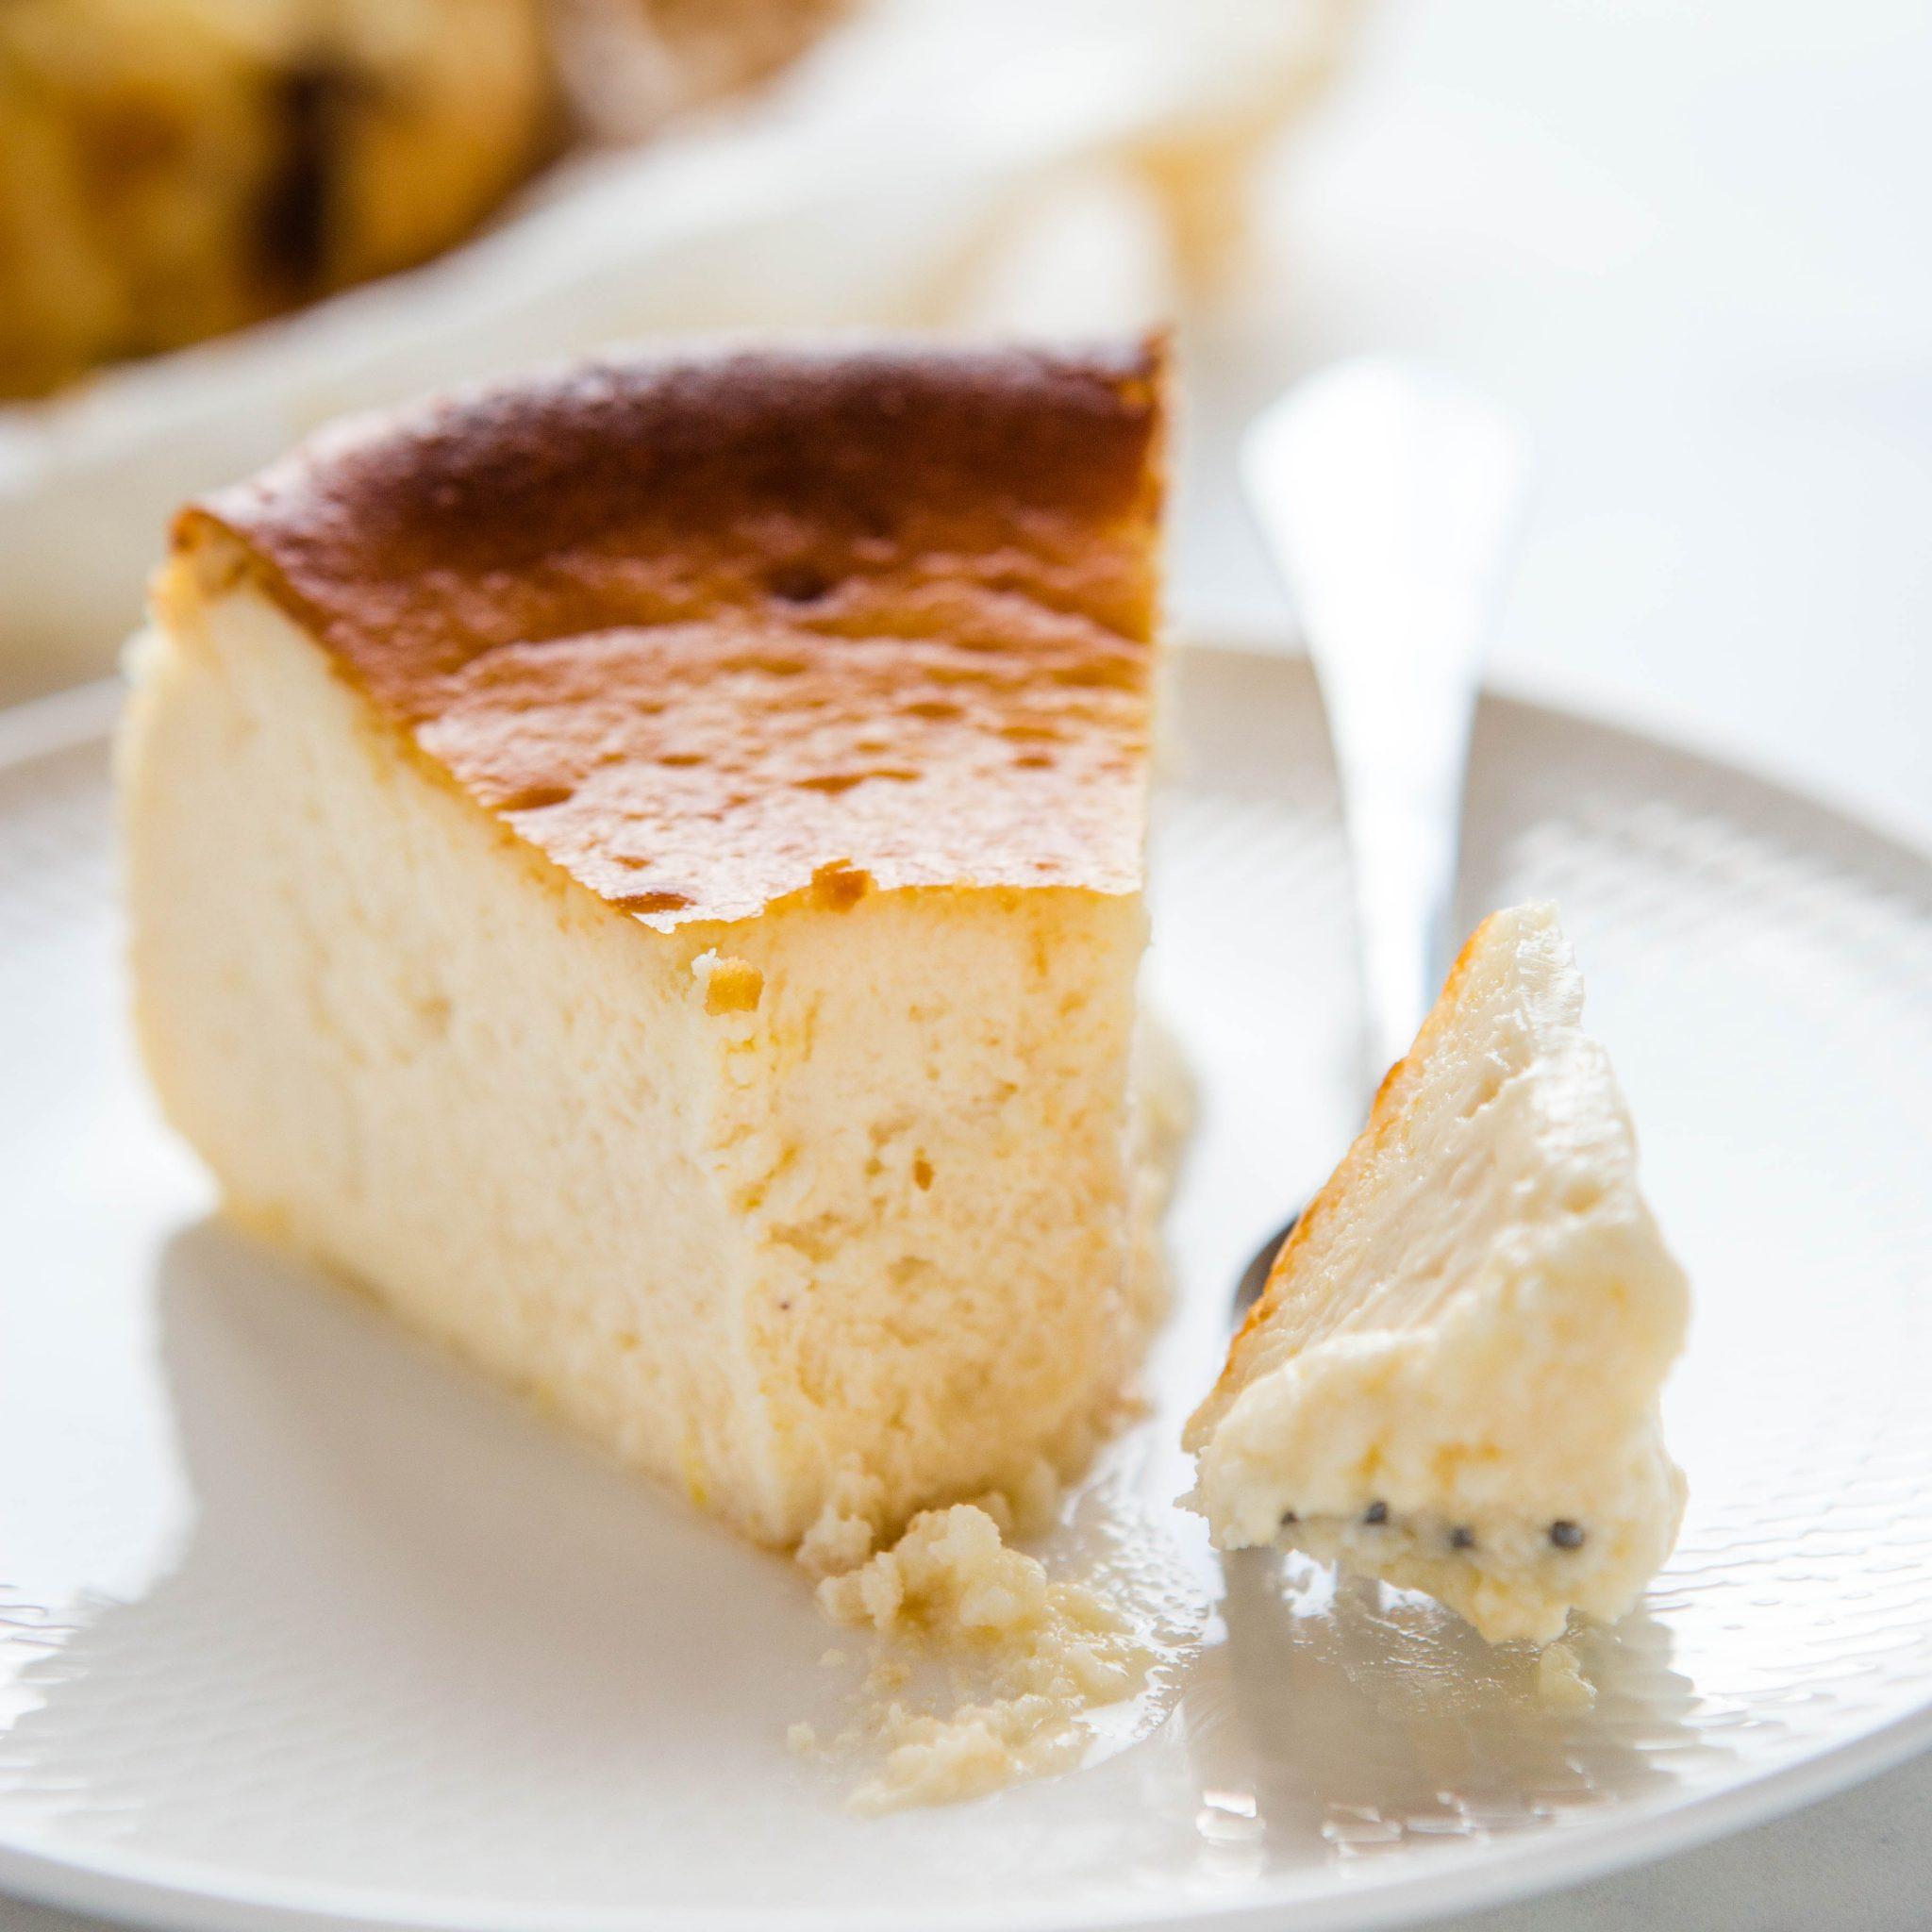 San Sebastian Cheesecake Basque Cheesecake